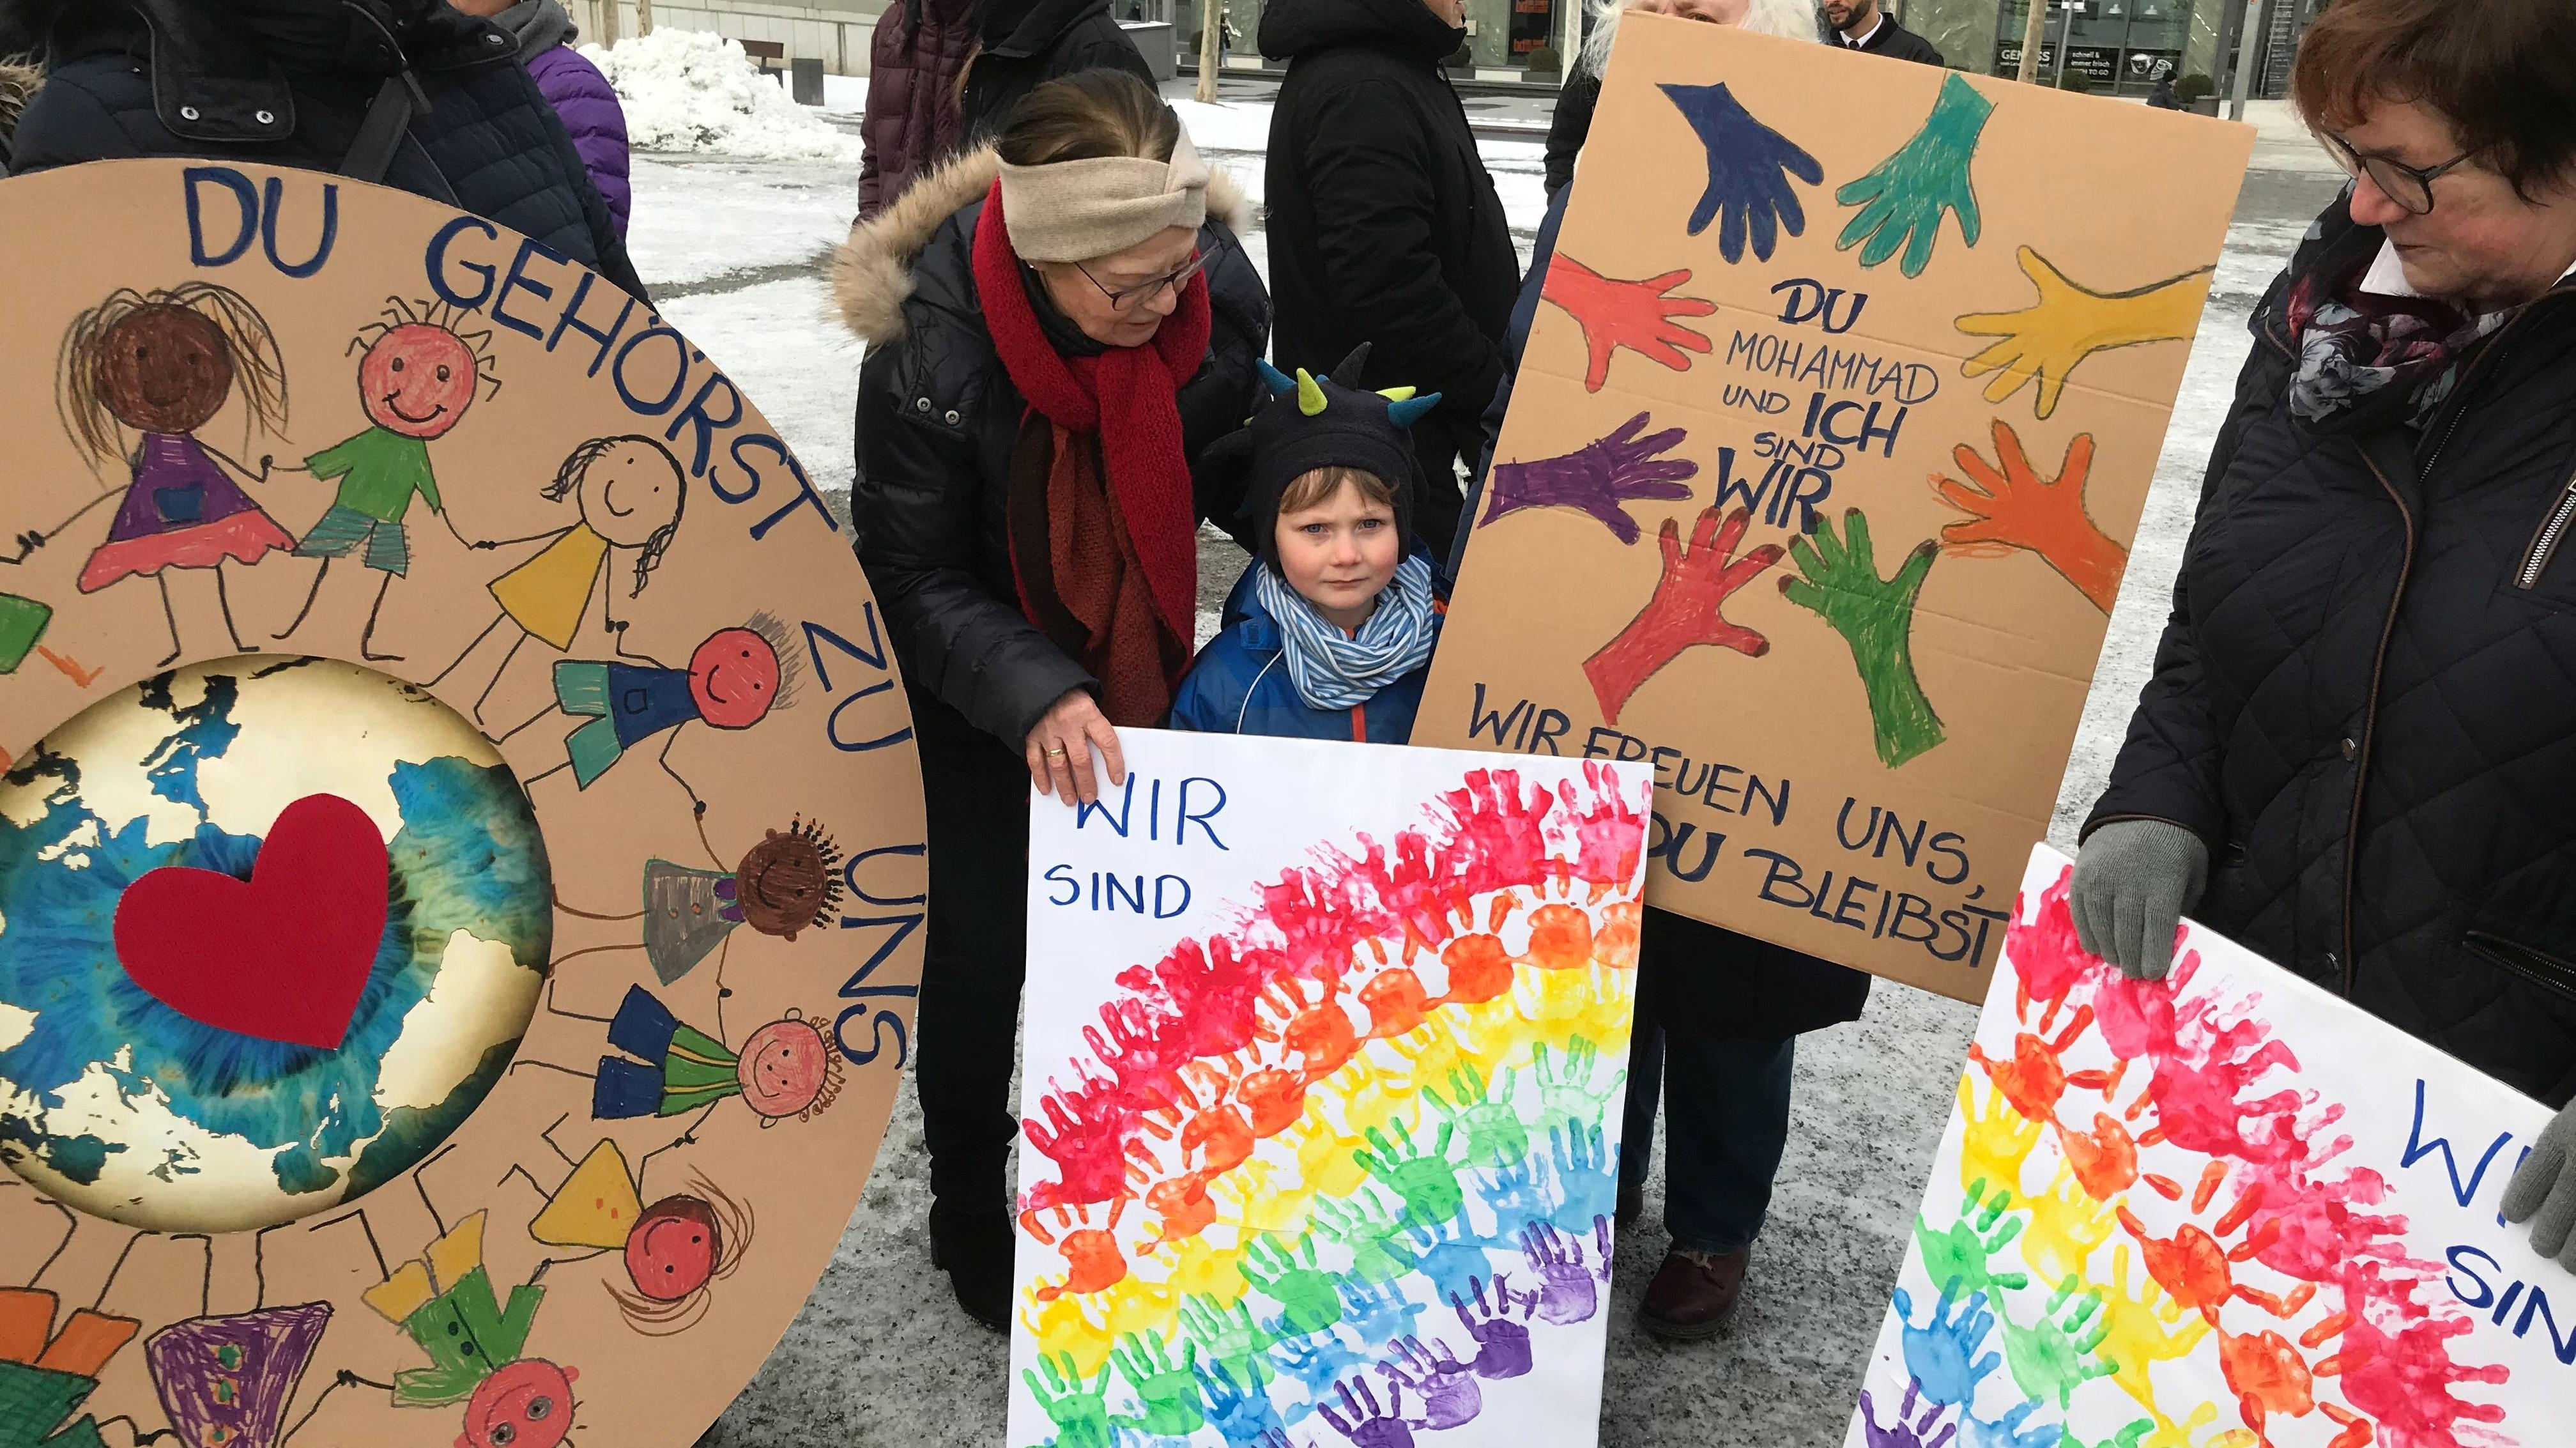 Die Demonstranten haben bunte Plakate gemalt, um auf die Situation der syrischen Familie aufmerksam zu machen